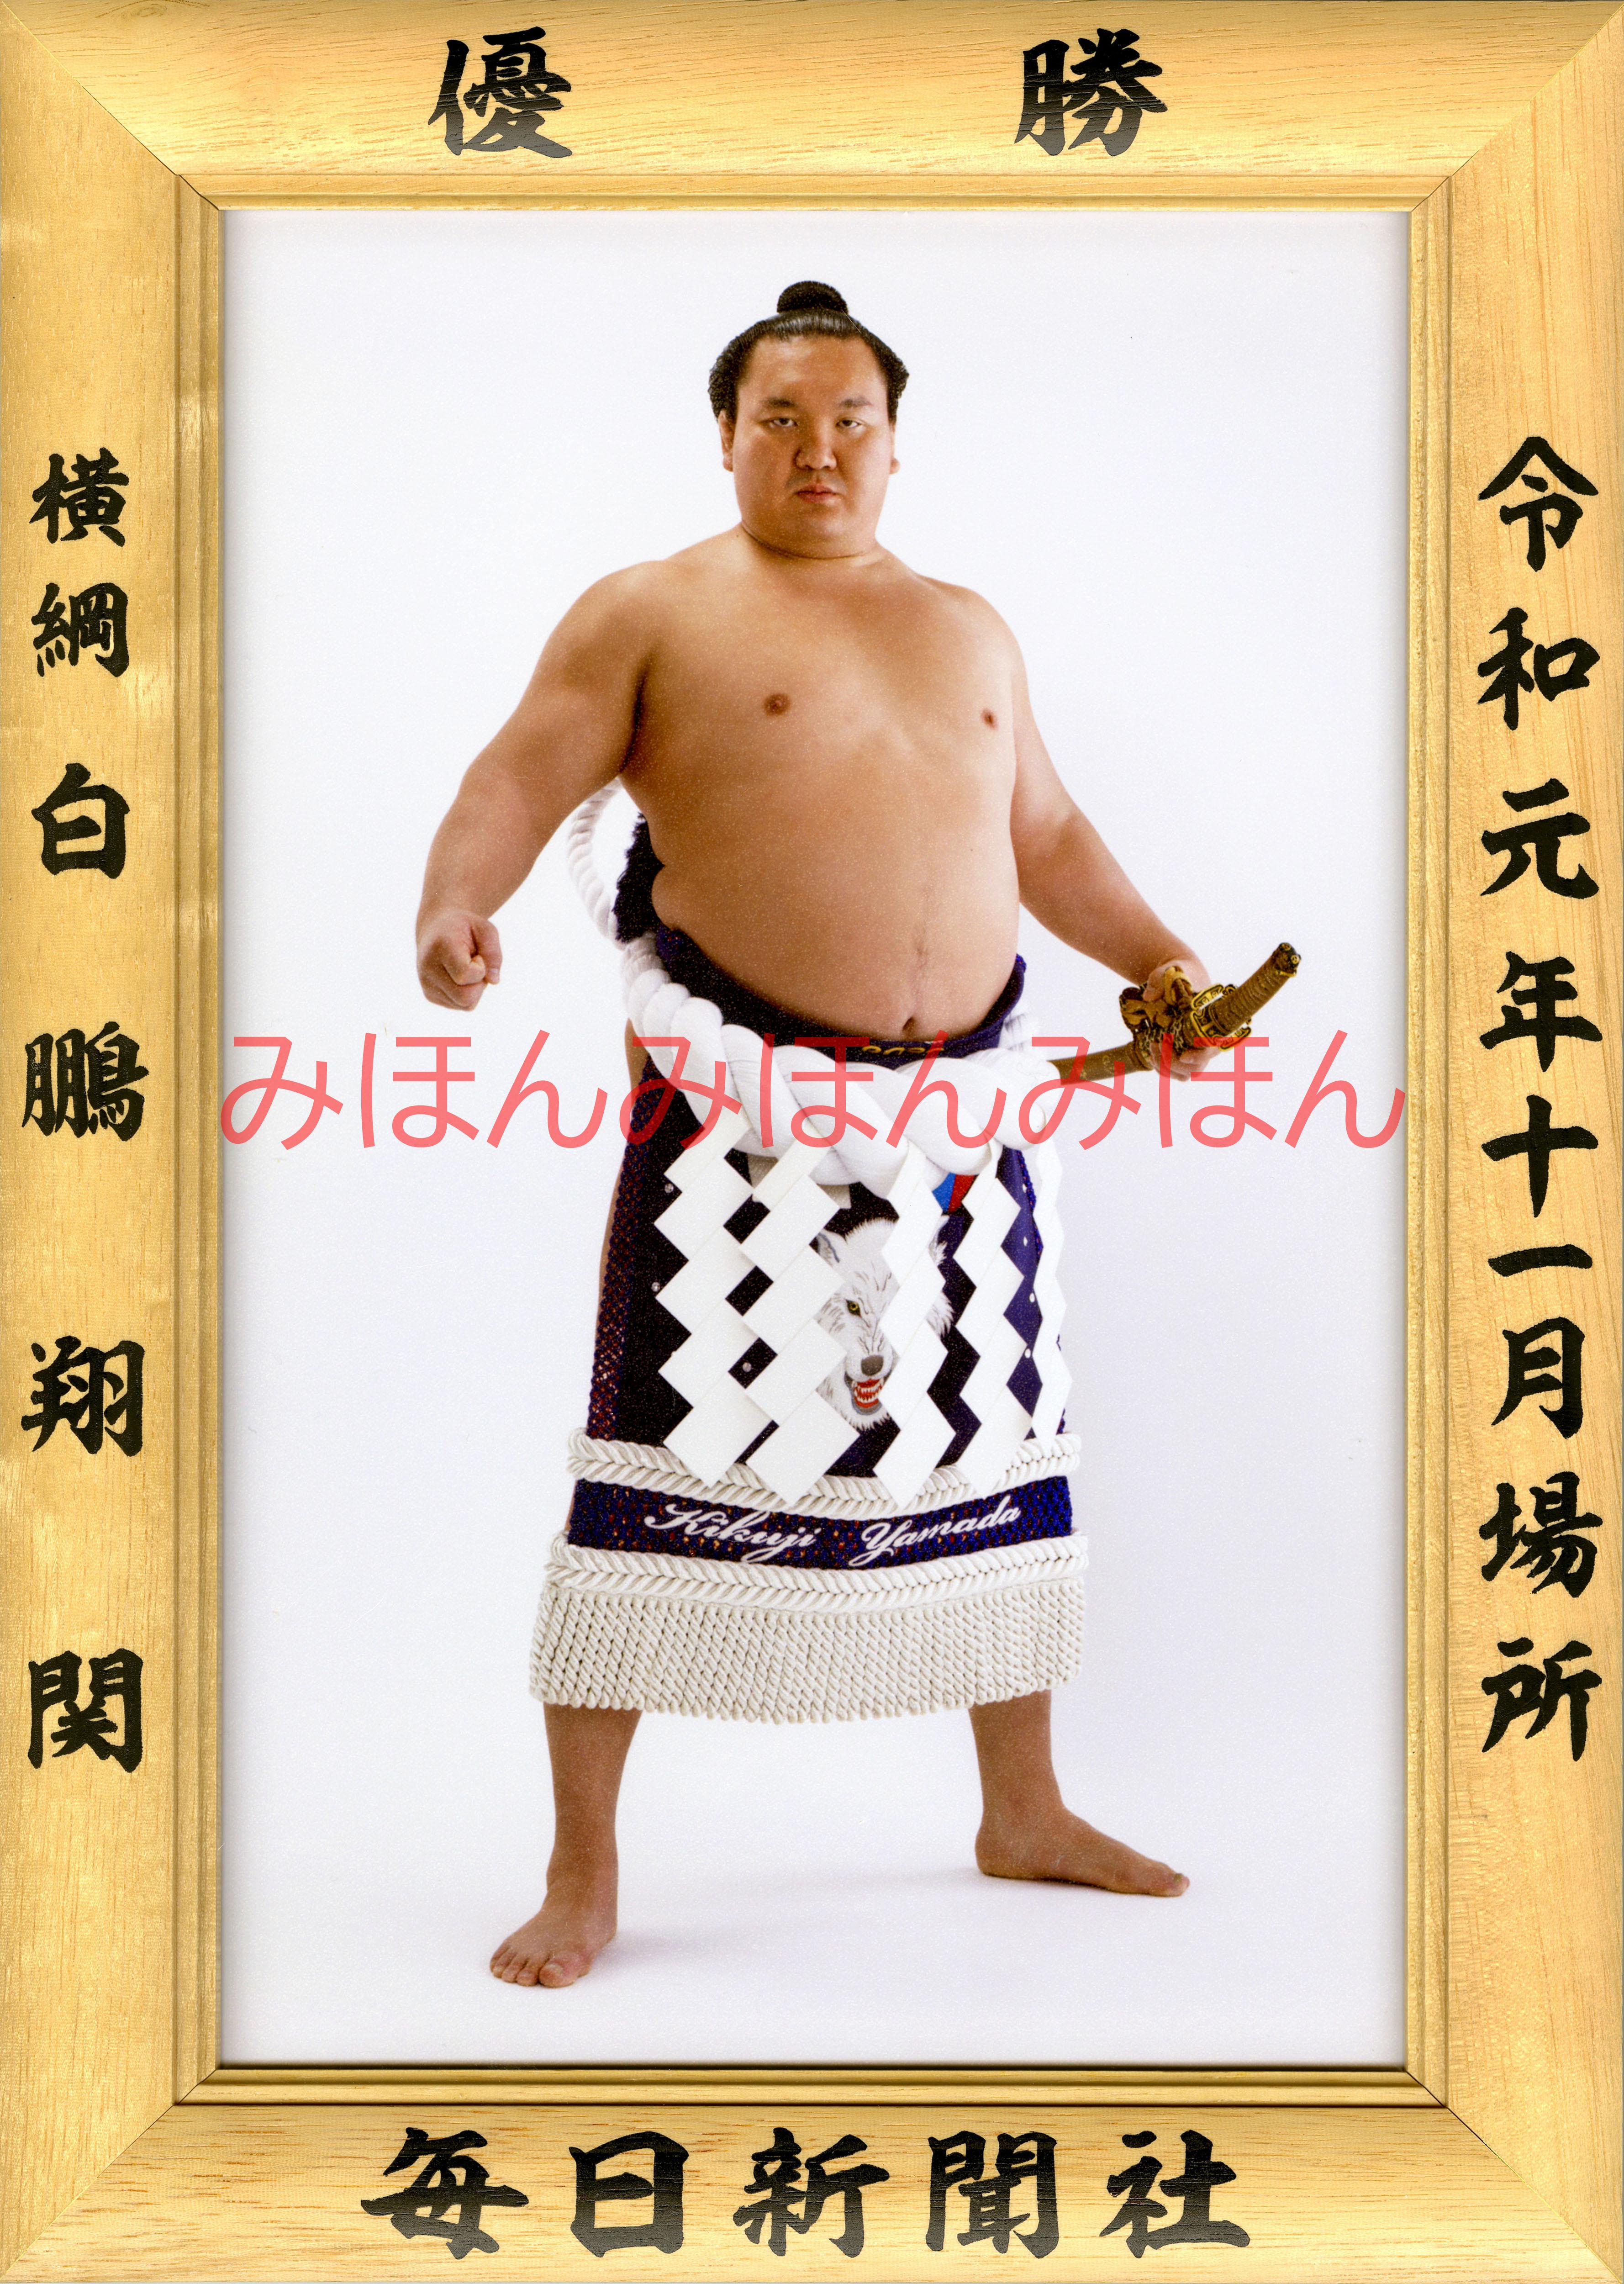 令和元年11月場所優勝 横綱 白鵬翔関(43回目の優勝)